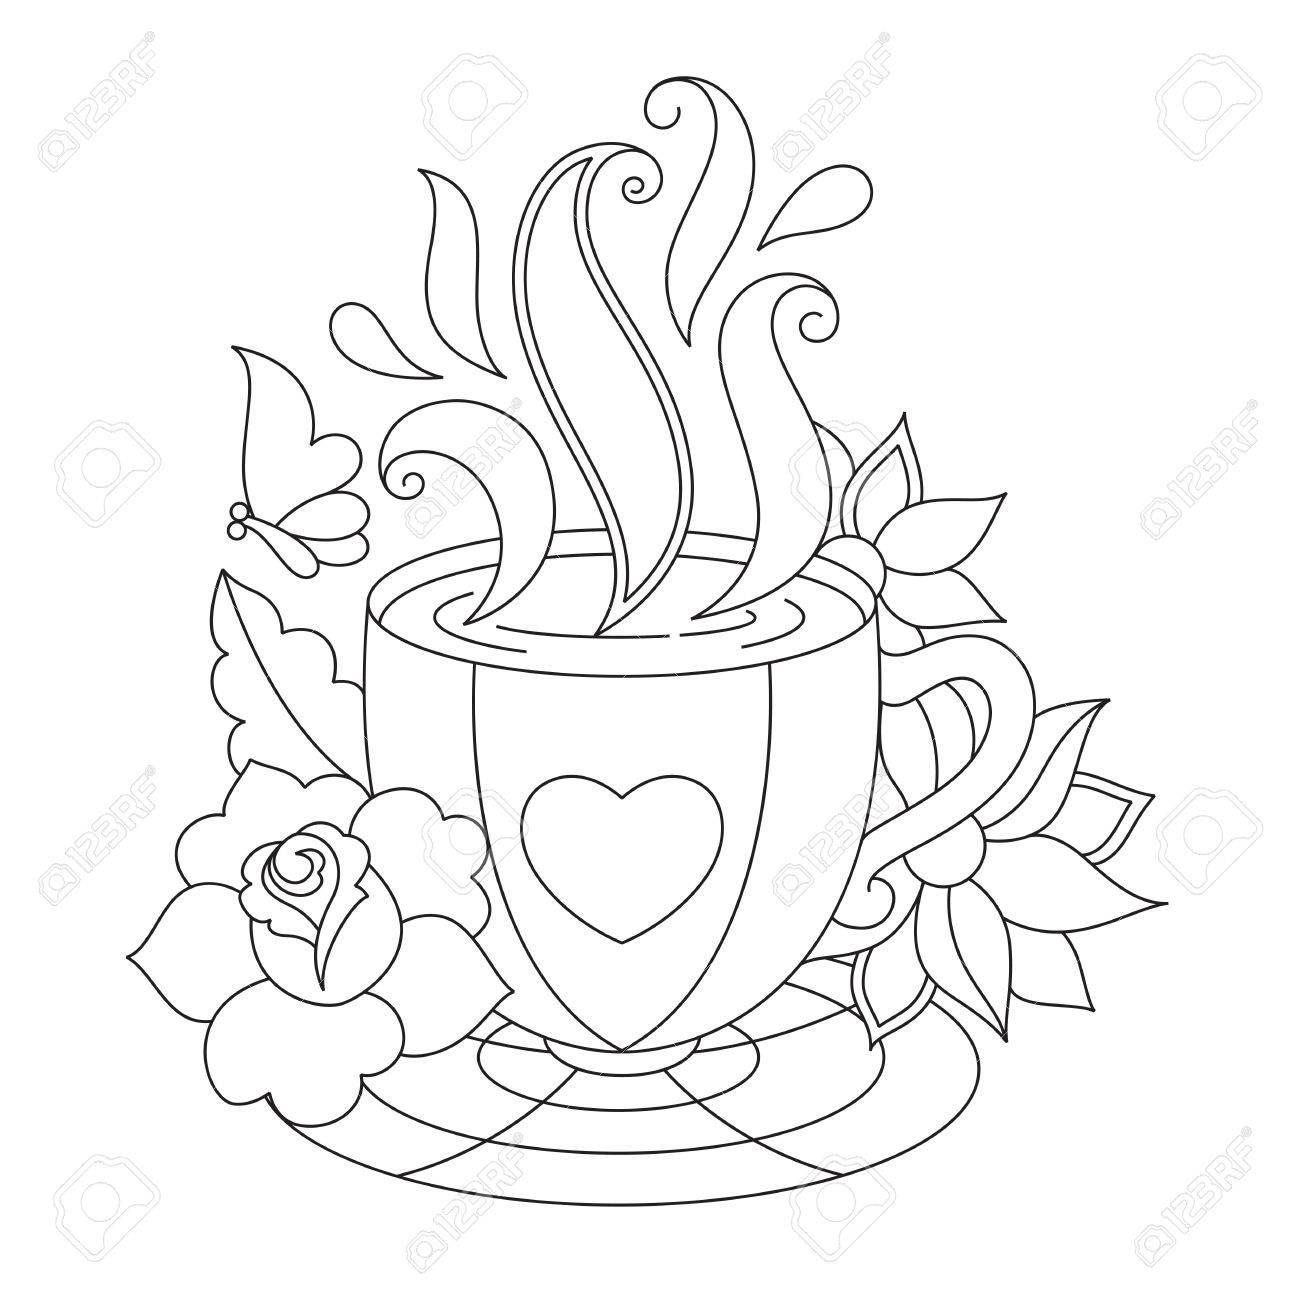 Schön Papier Kaffeetasse Malvorlagen Ideen - Entry Level Resume ...